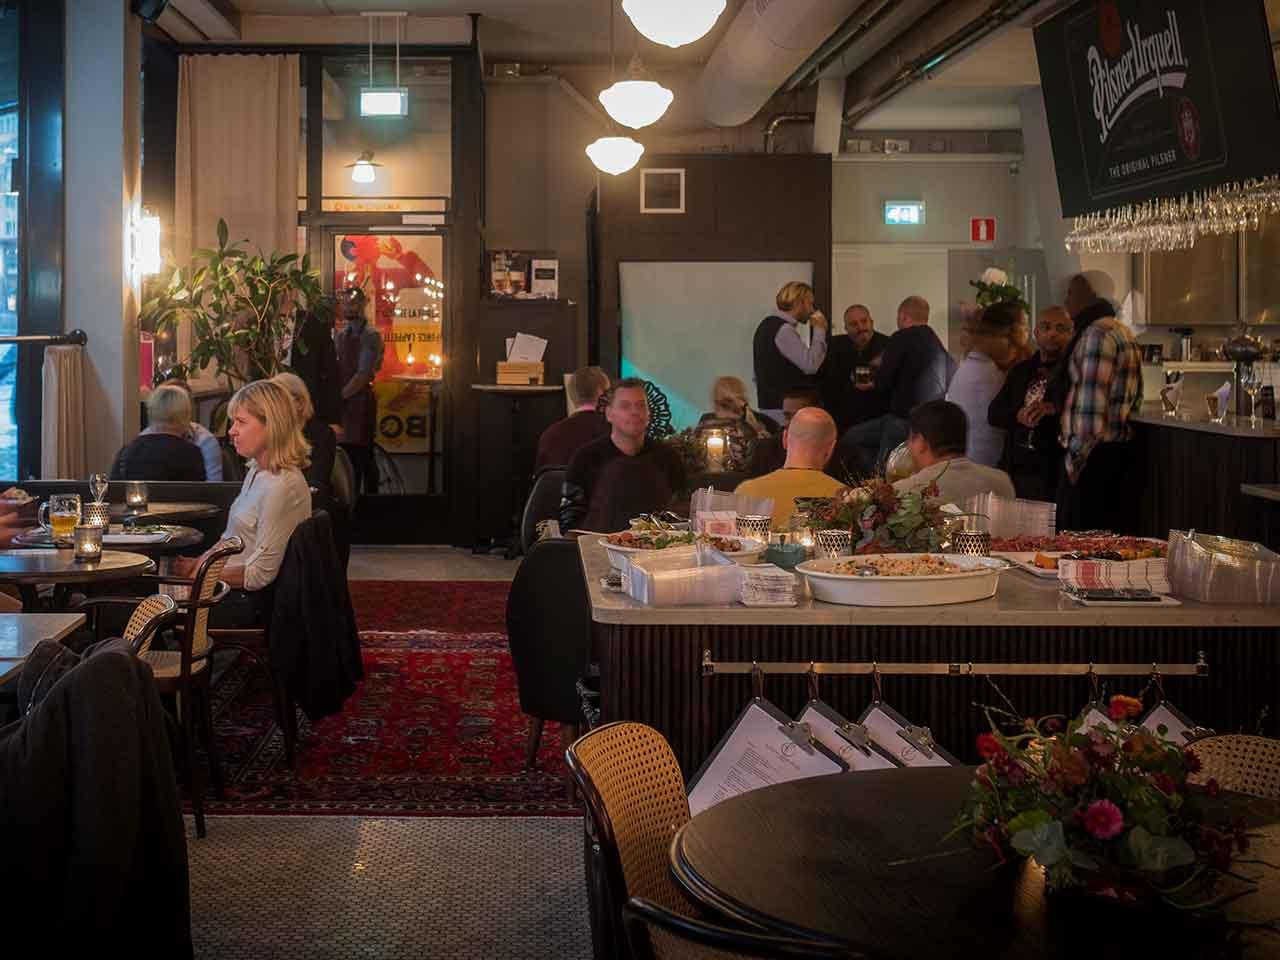 Fleming festvåning - Kungsholmen